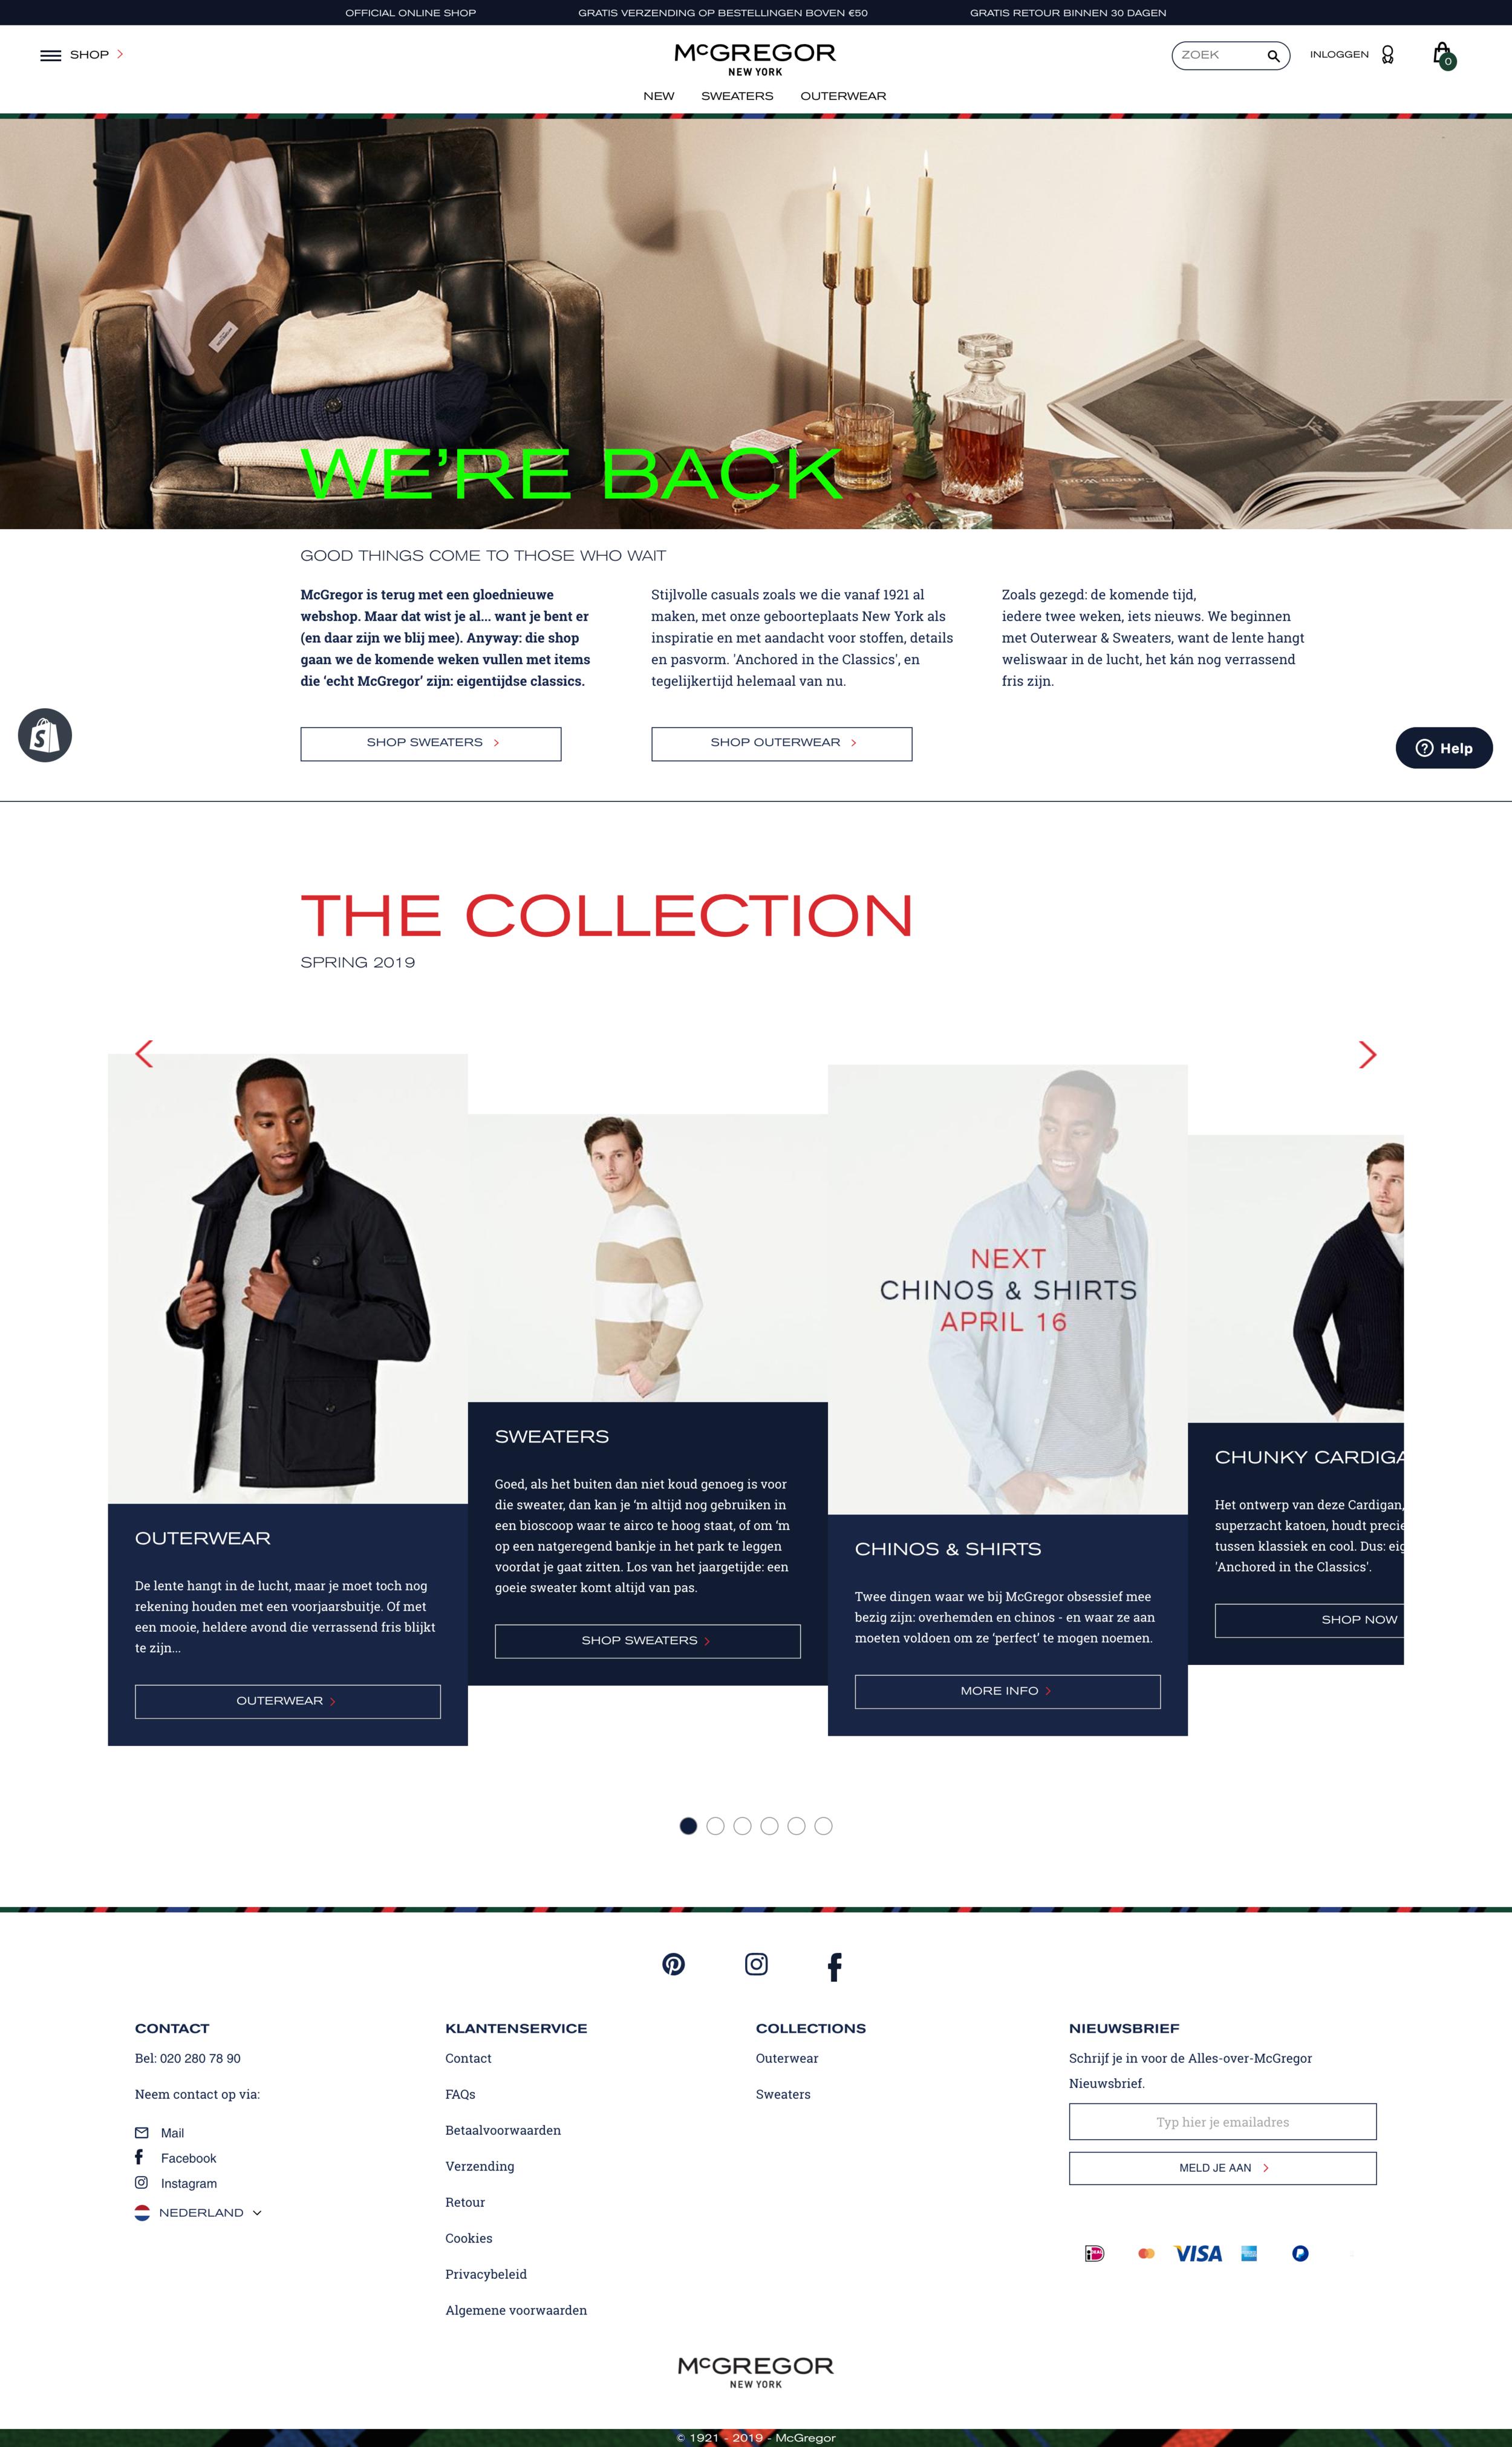 McGregor New York website